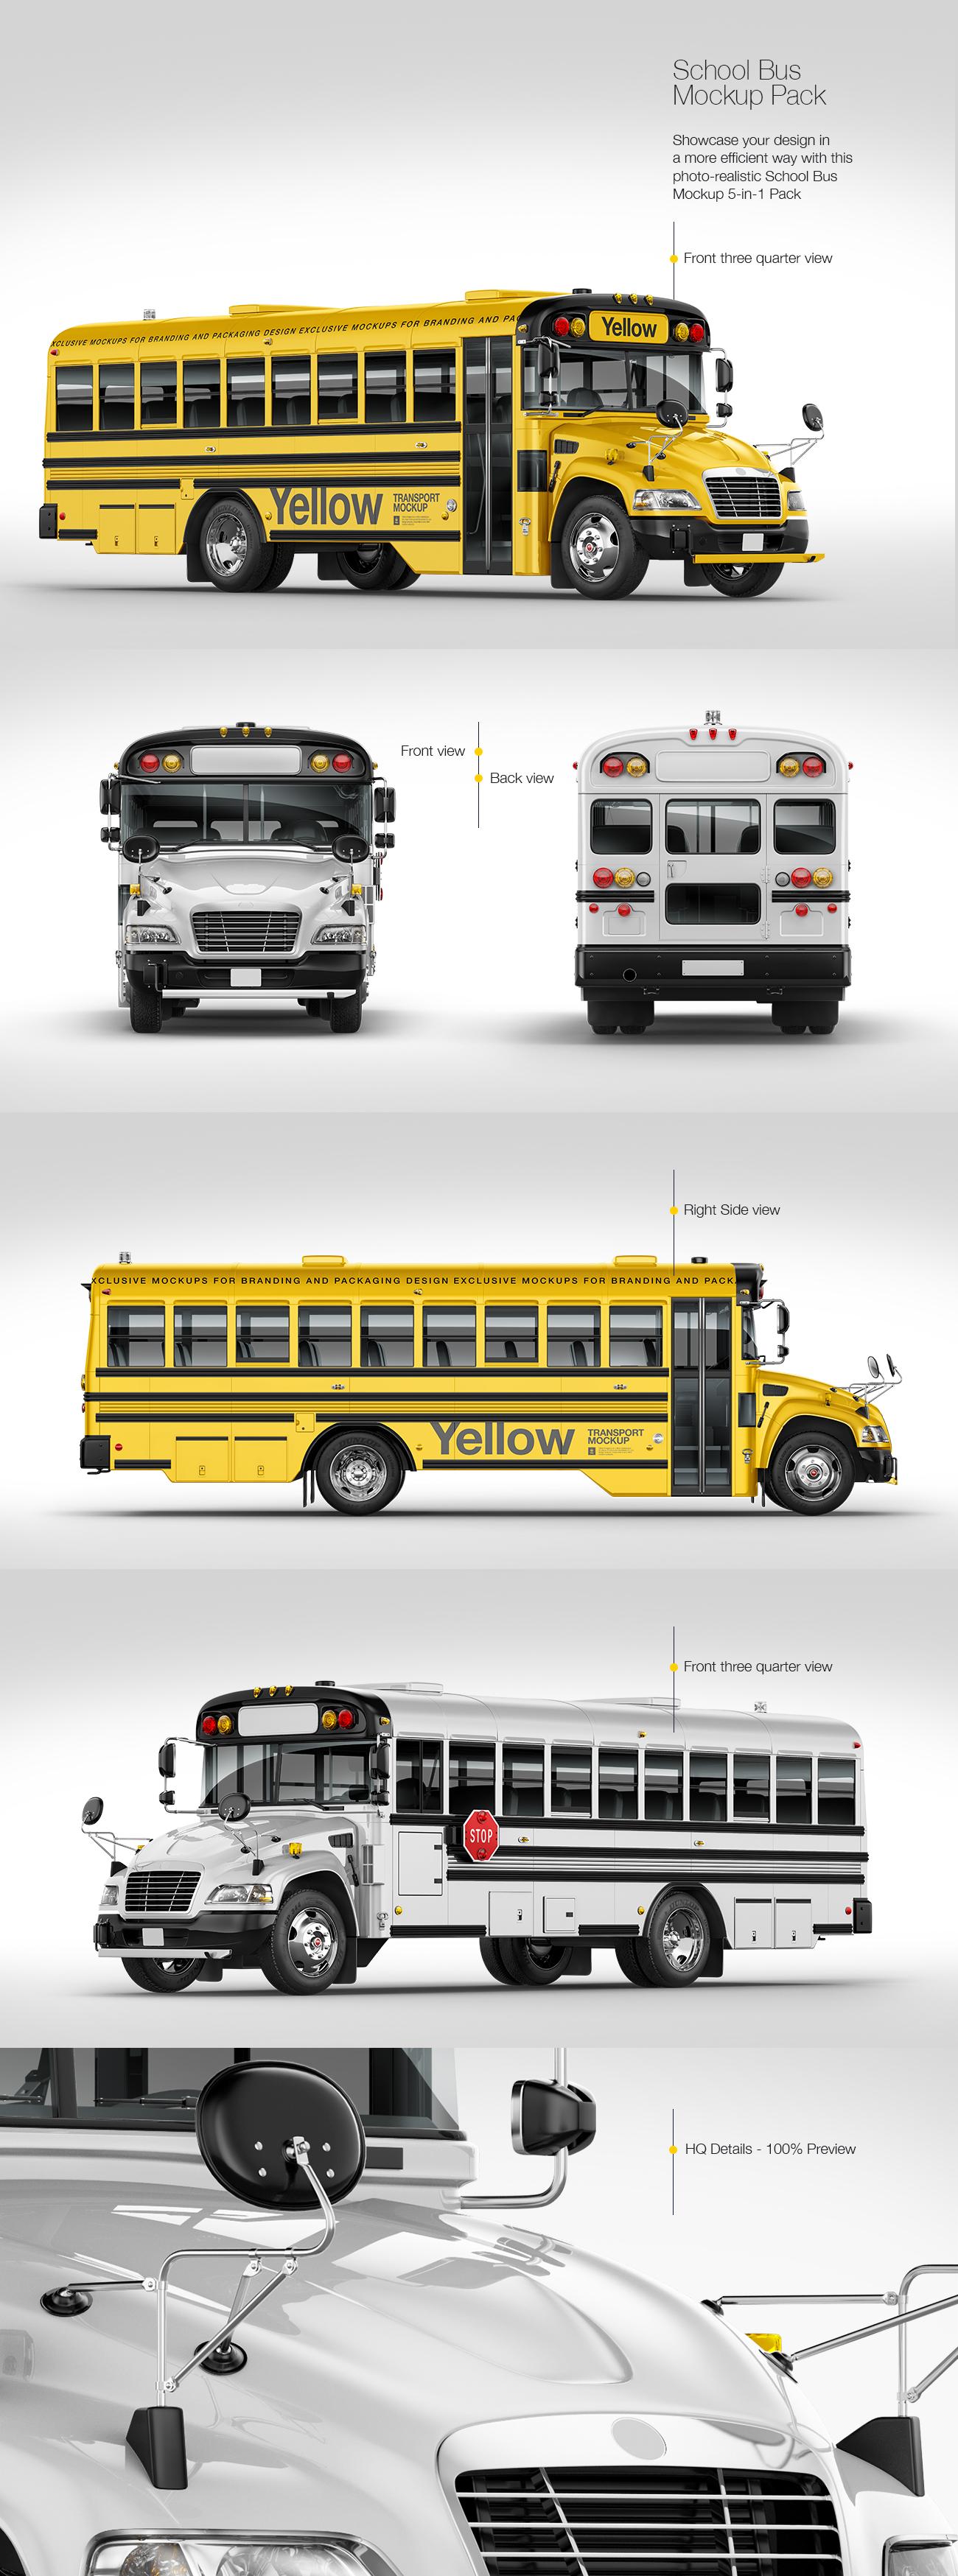 School Bus Mockup Pack